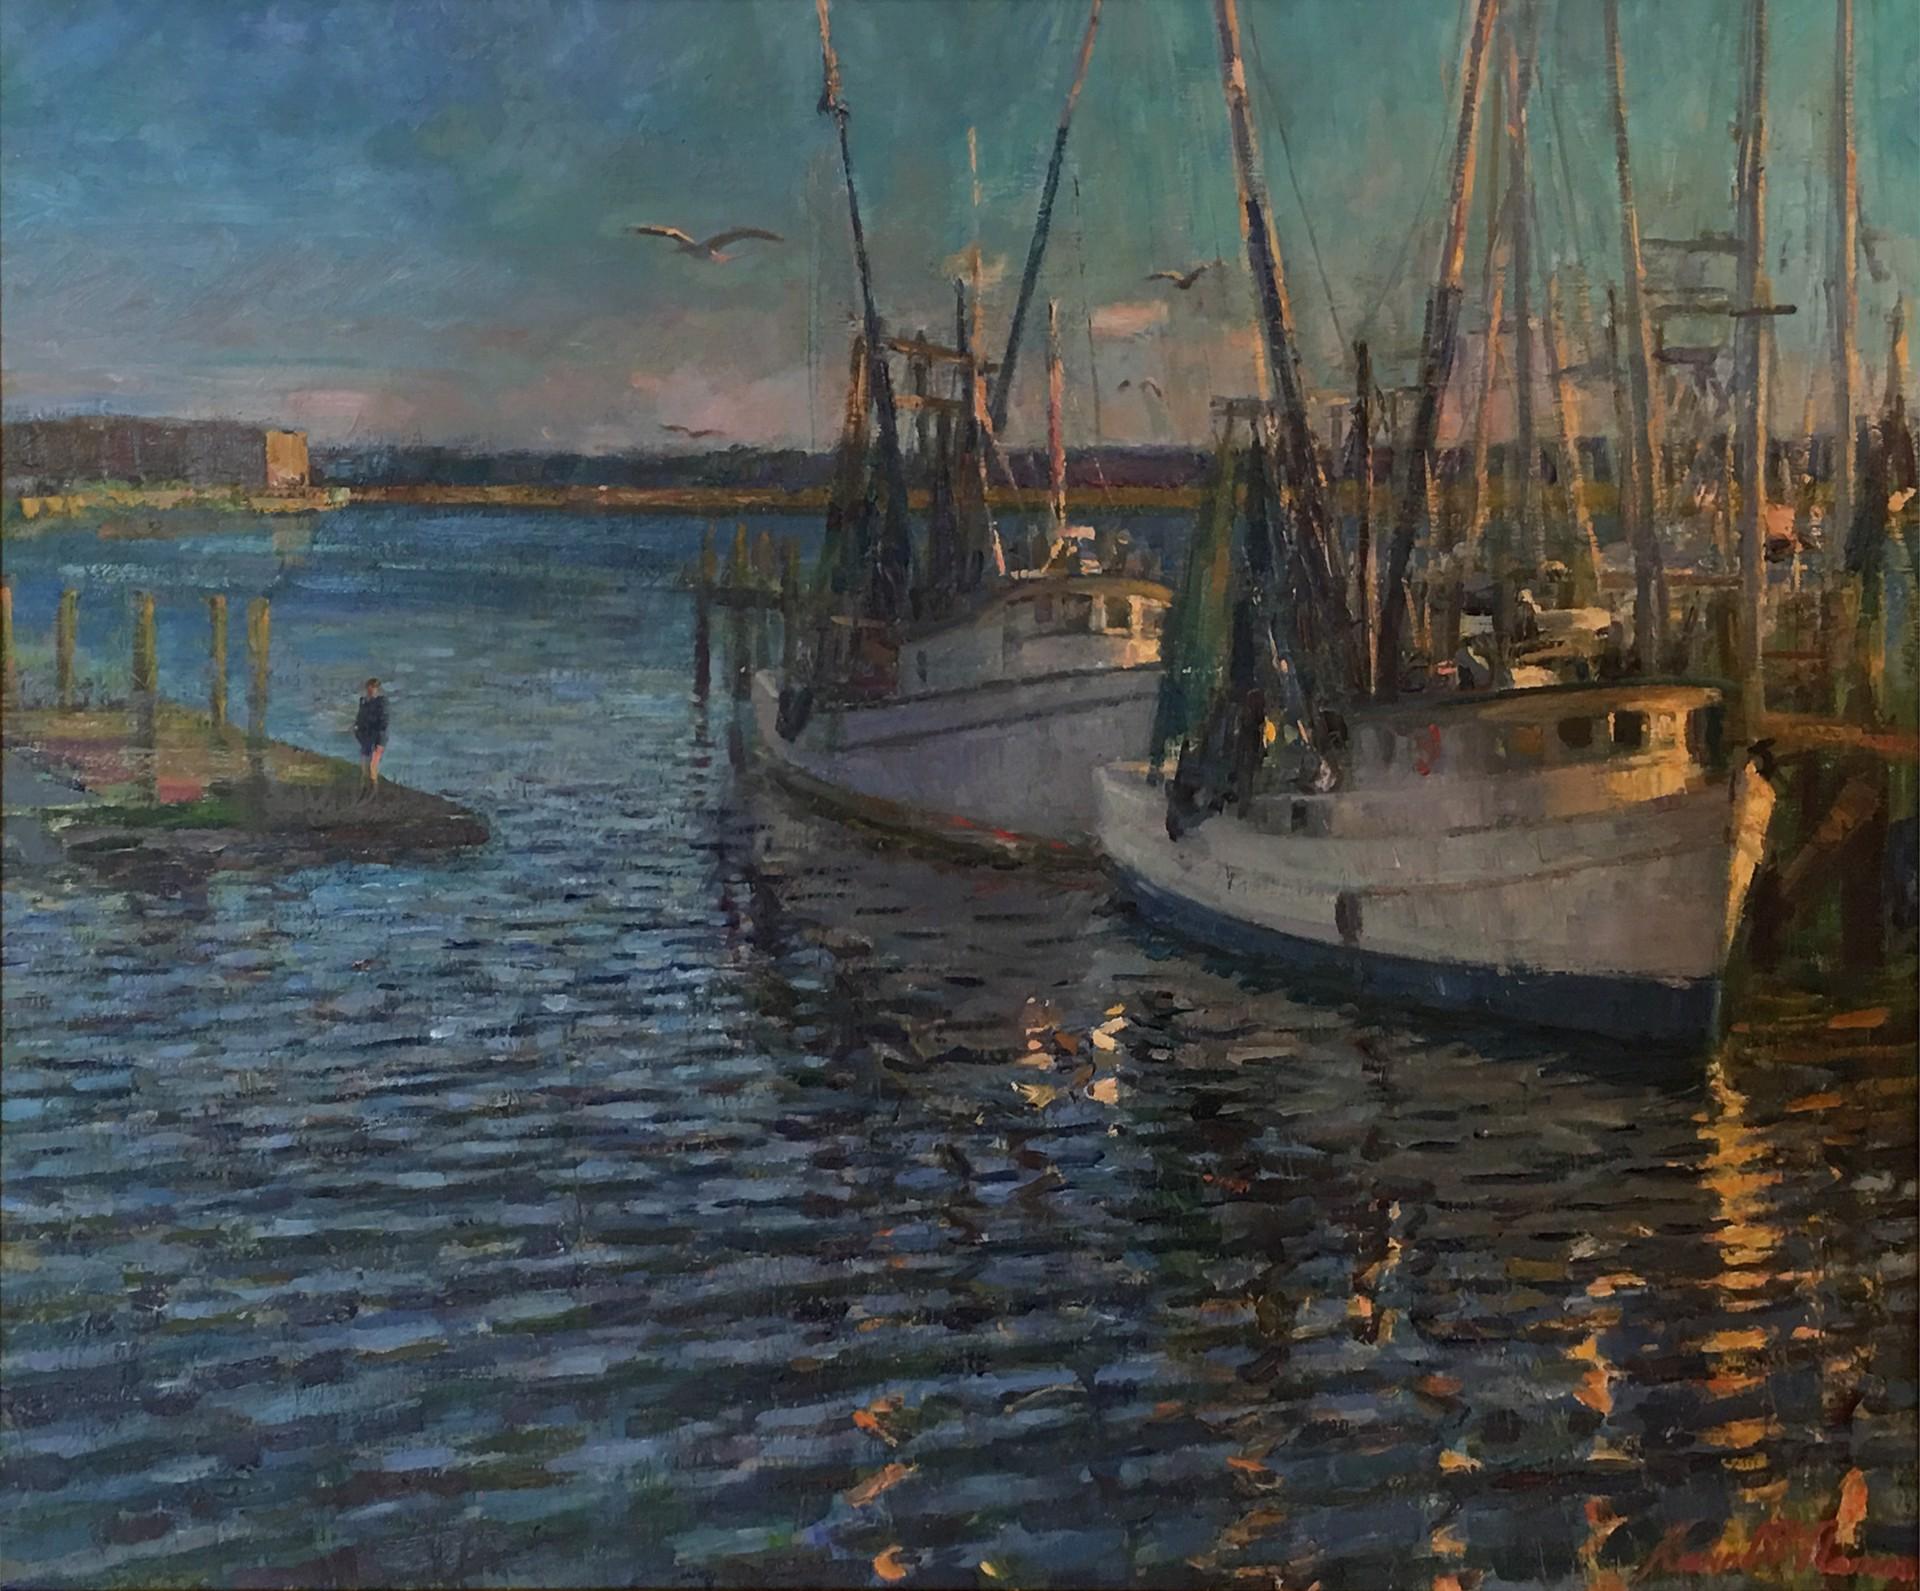 Shrimp Boats (South Carolina) by Kevin McNamara